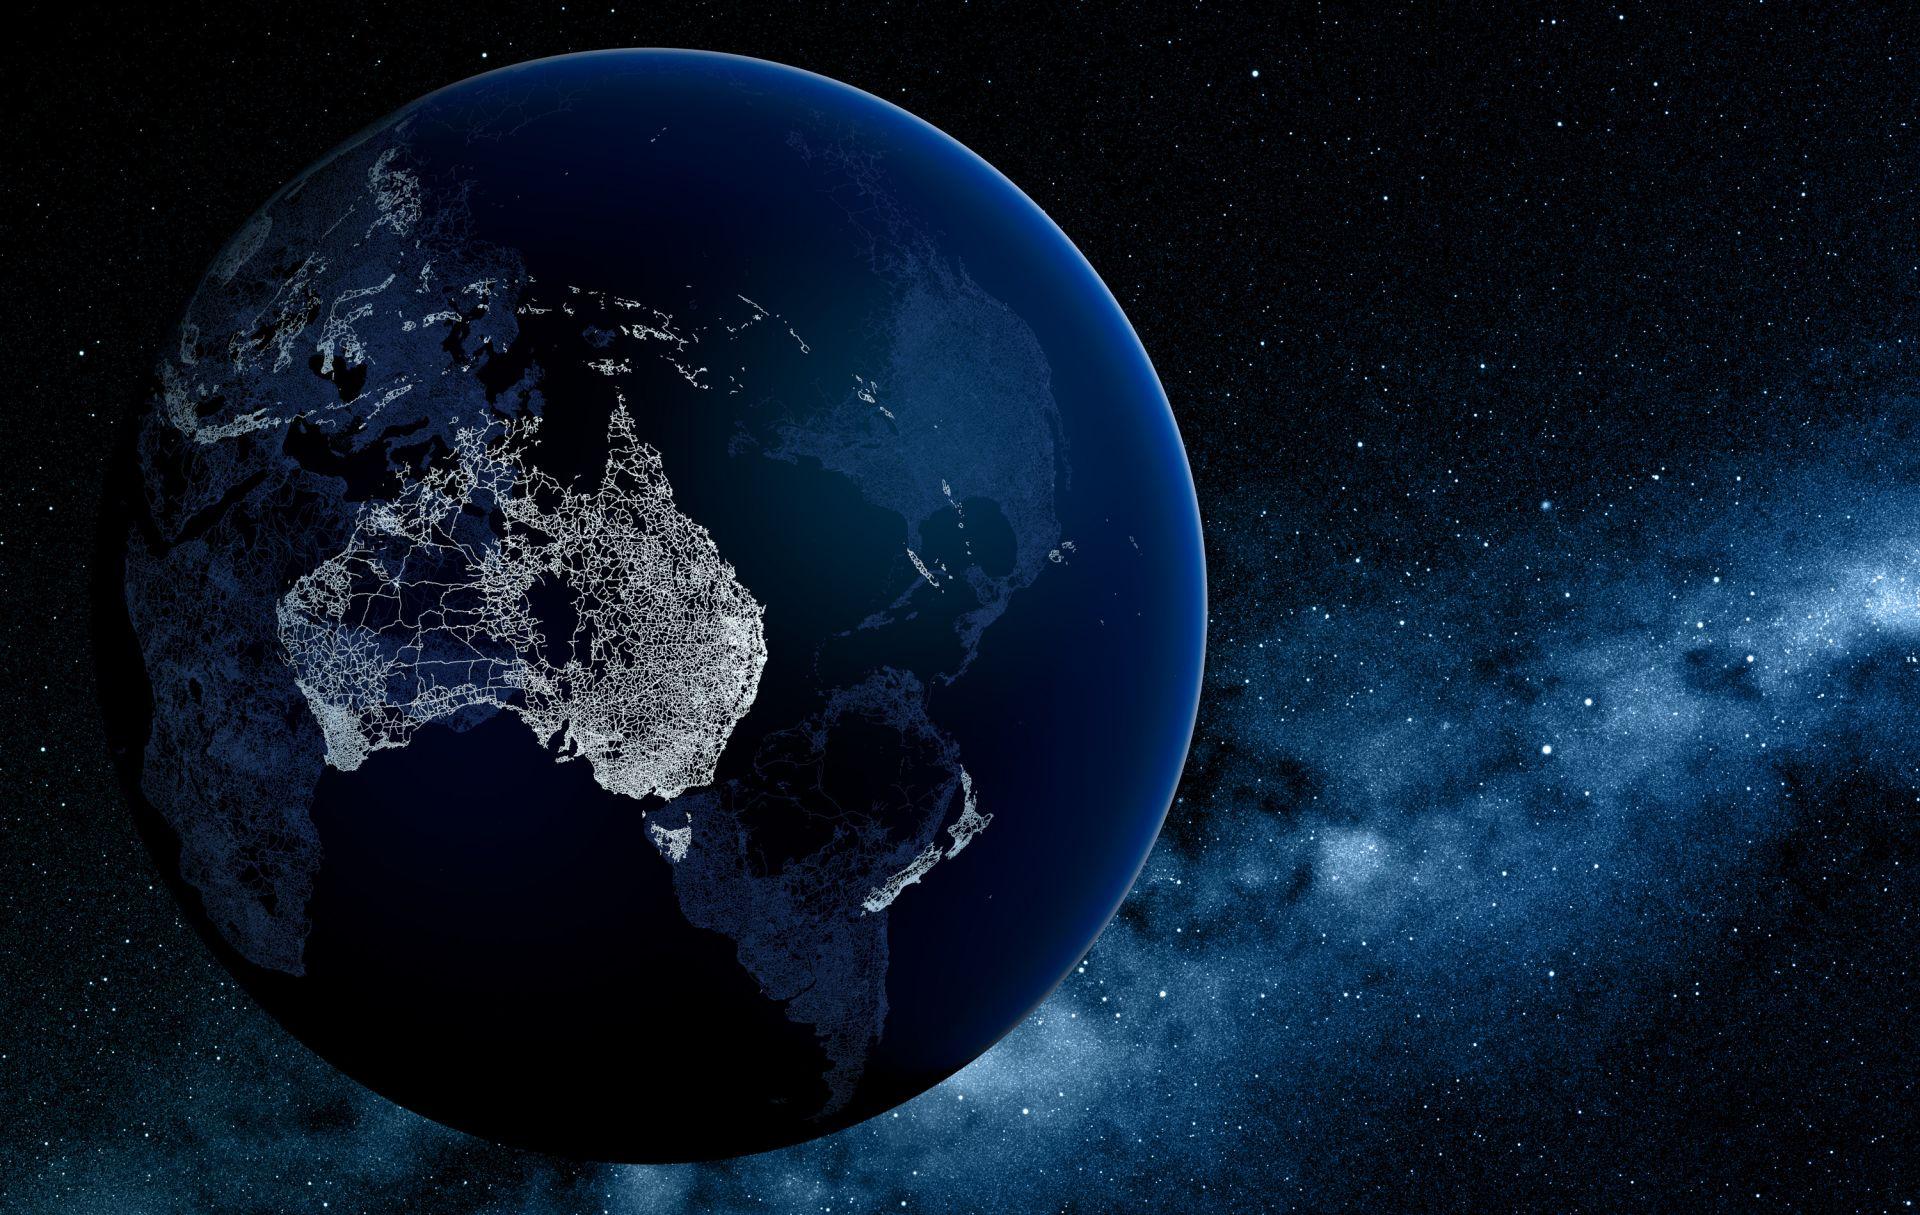 Обои Земля планета космос картинки на рабочий стол на тему Космос - скачать  № 3551654 бесплатно